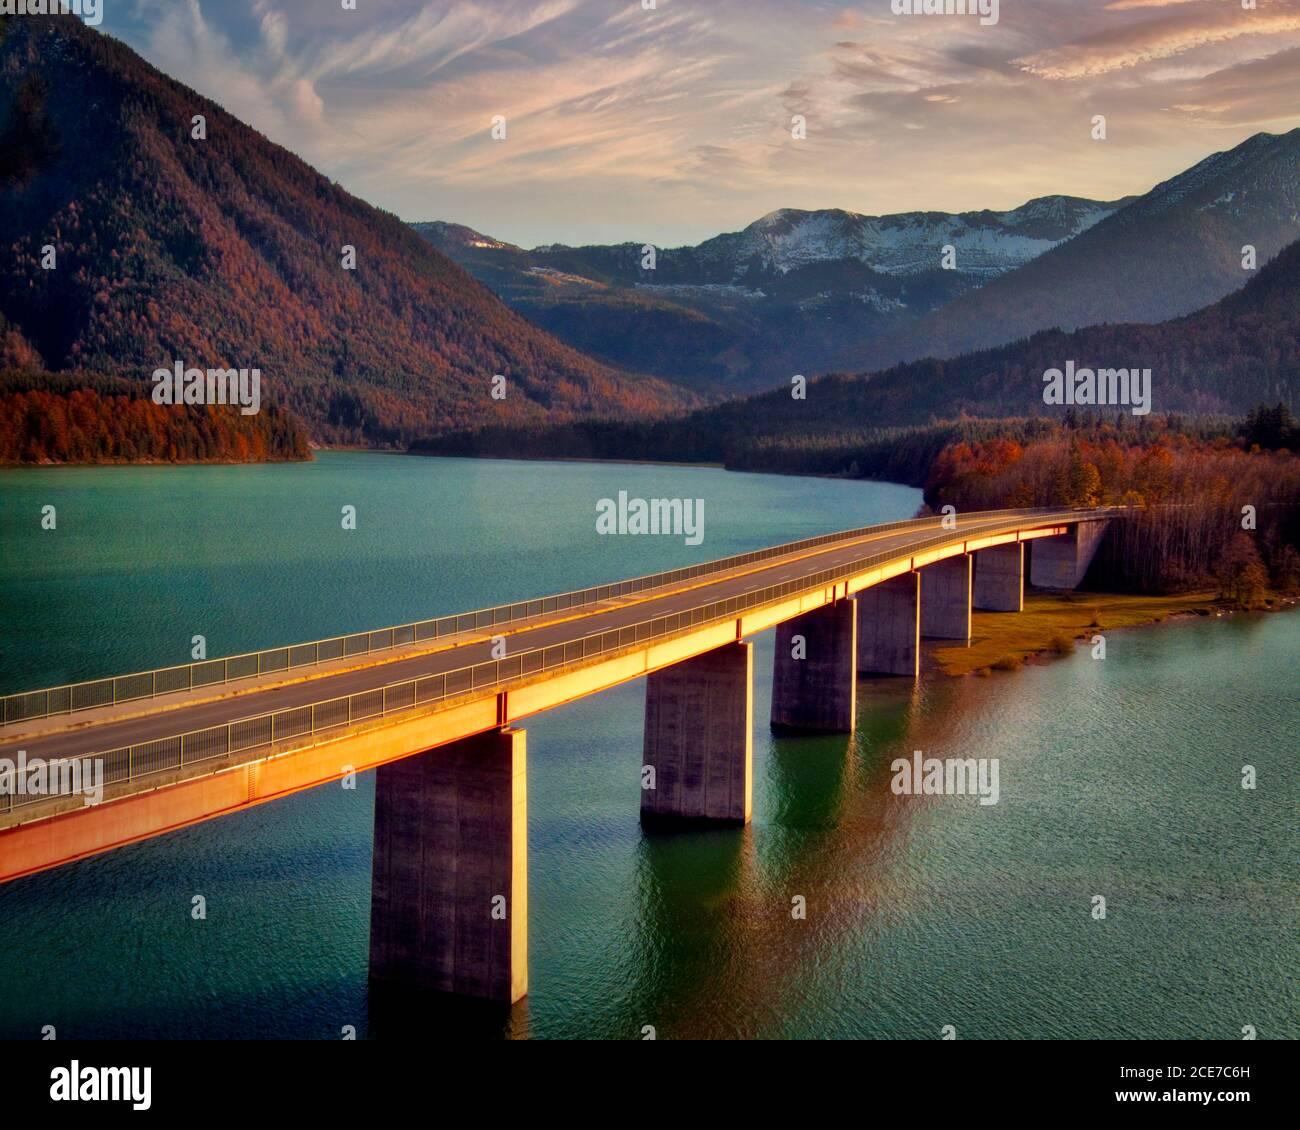 DE - BAVARIA: Bridge over Sylvenstein Reservoir with Karwendel Mountains in background Stock Photo